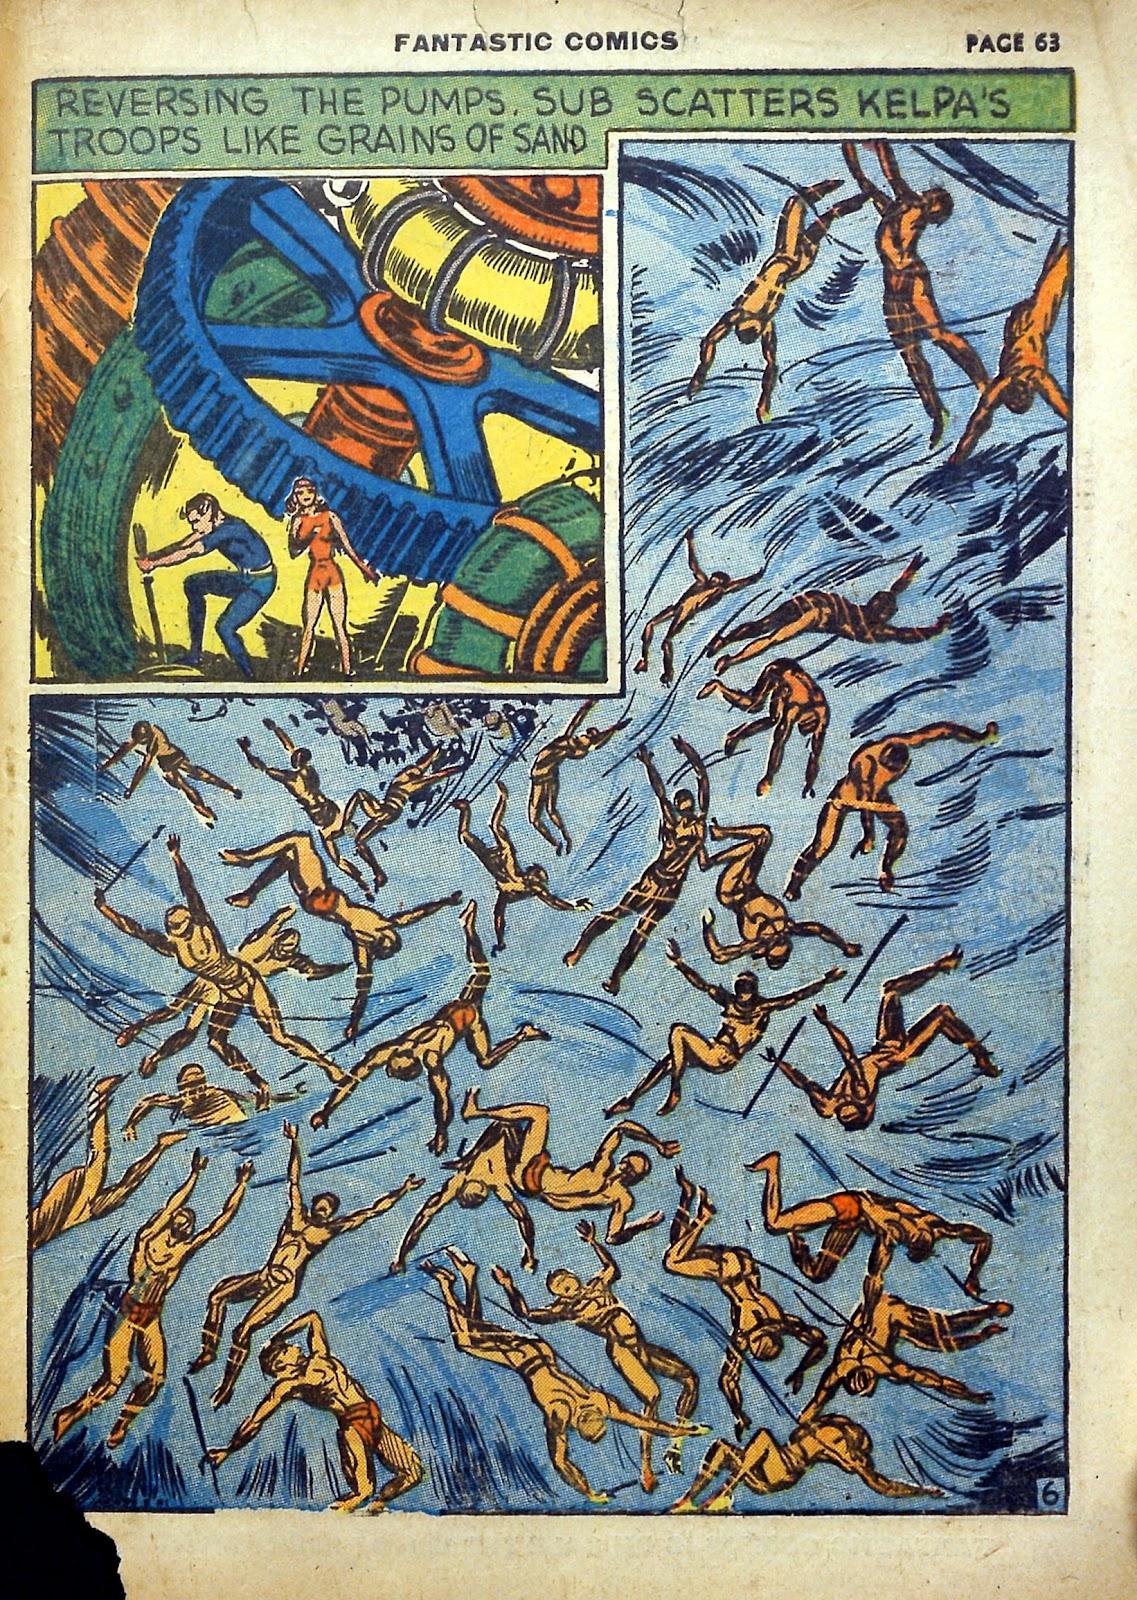 Read online Fantastic Comics comic -  Issue #5 - 64